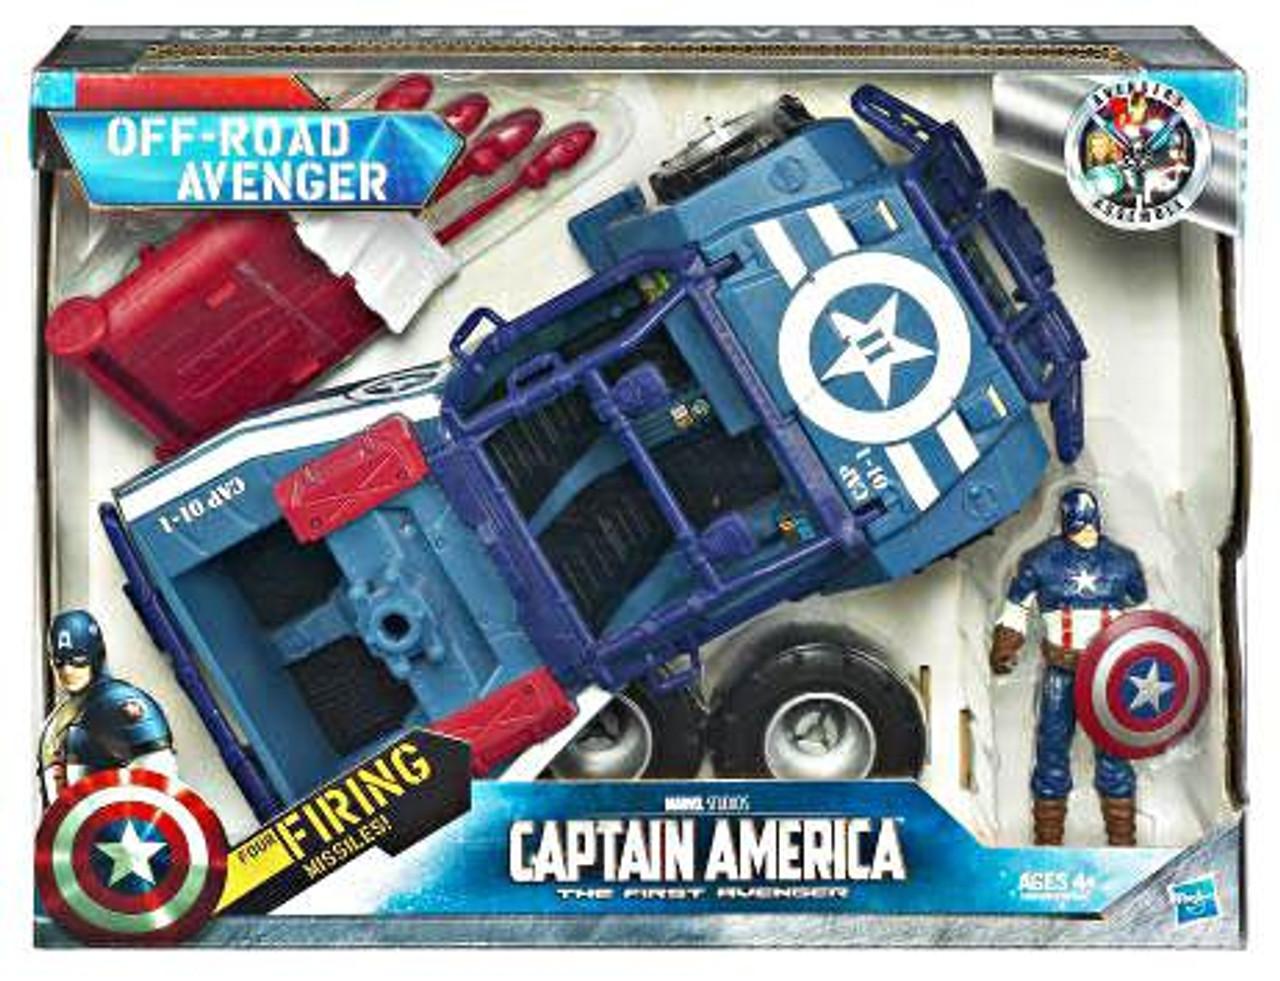 The First Avenger Captain America Movie Off-Road Avenger